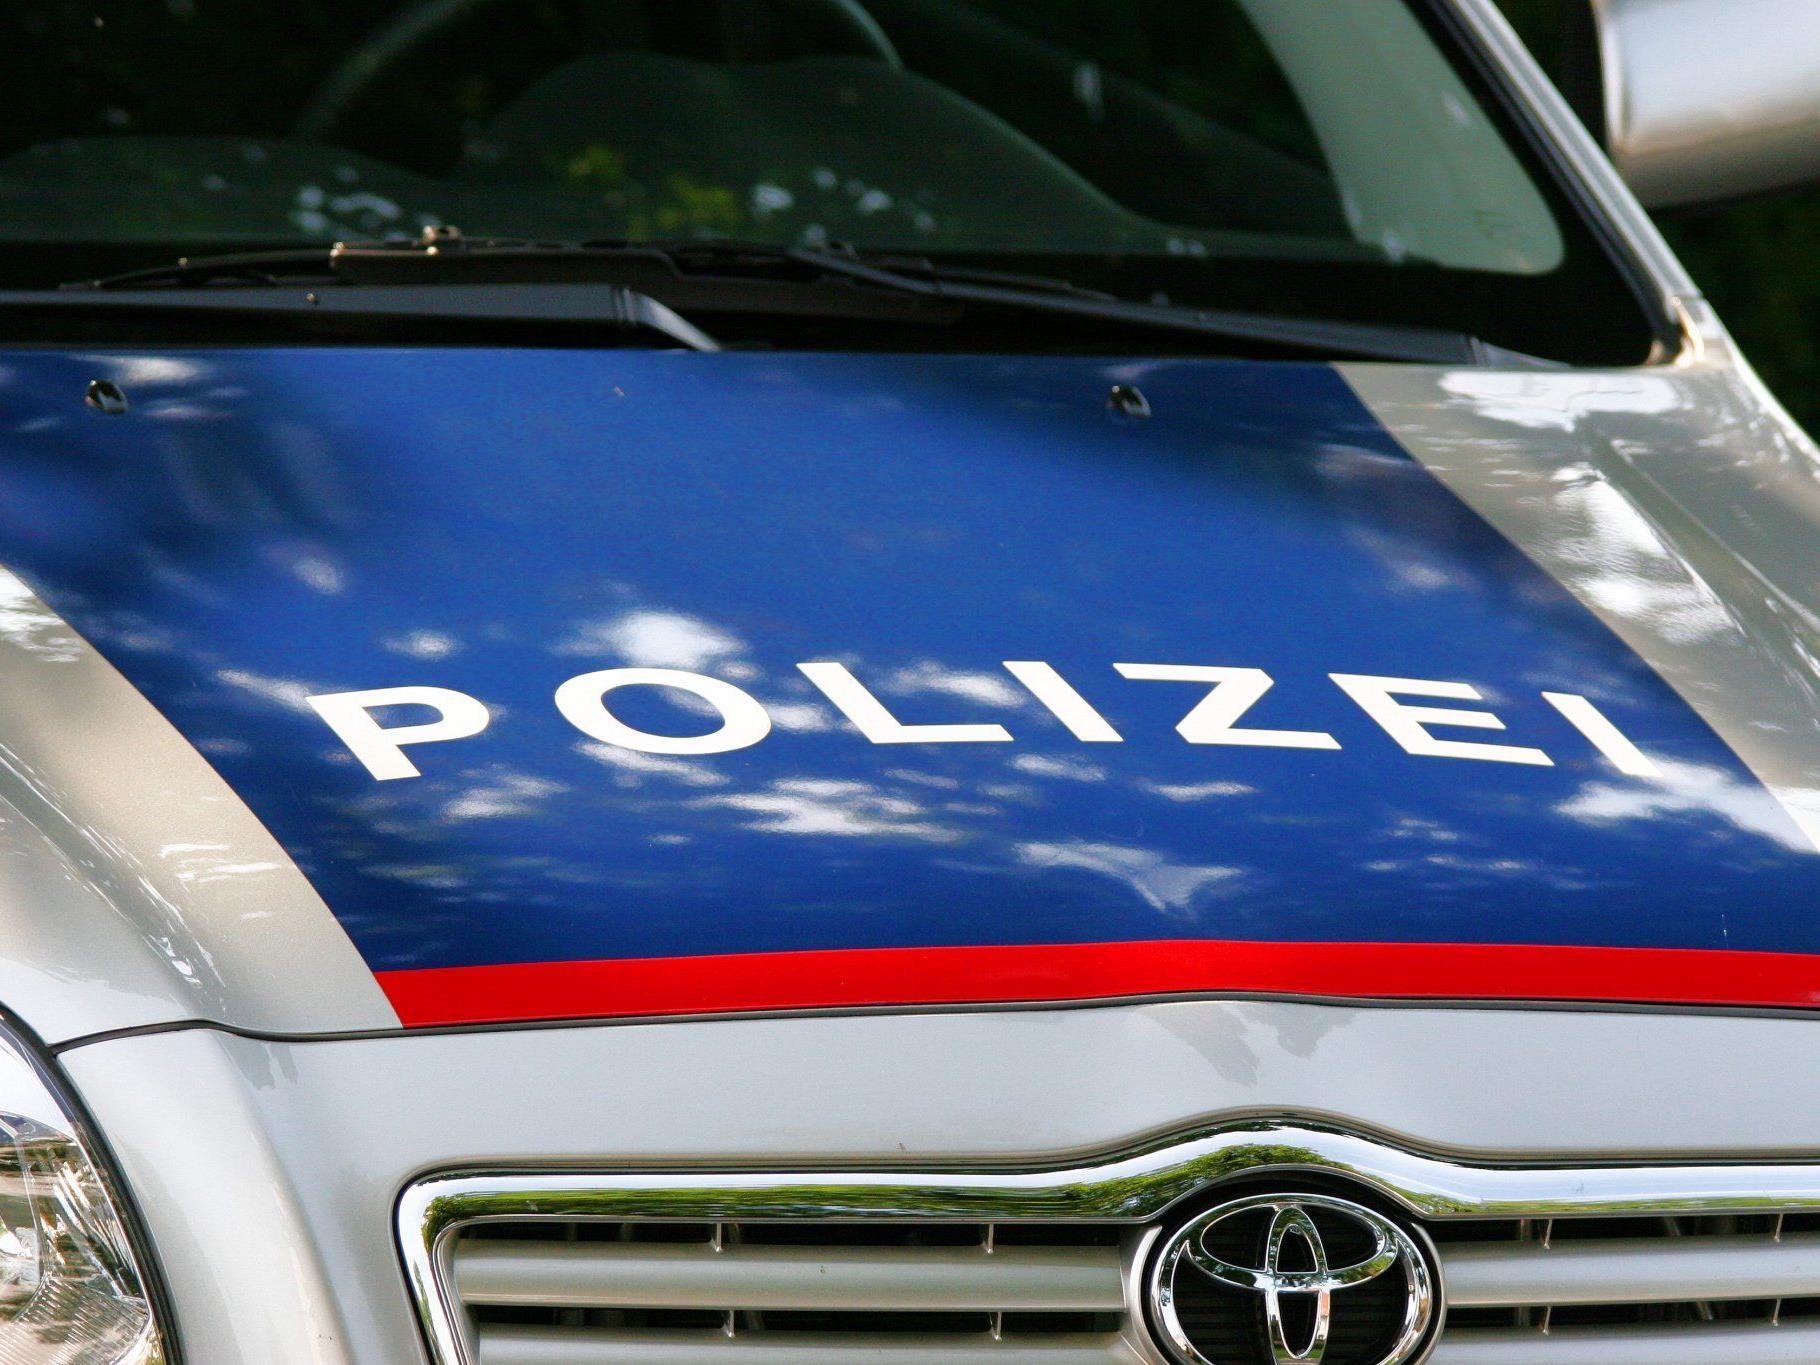 Zeugenaufruf der Polizei nach einem Autounfall auf der A14 bei Röthis.